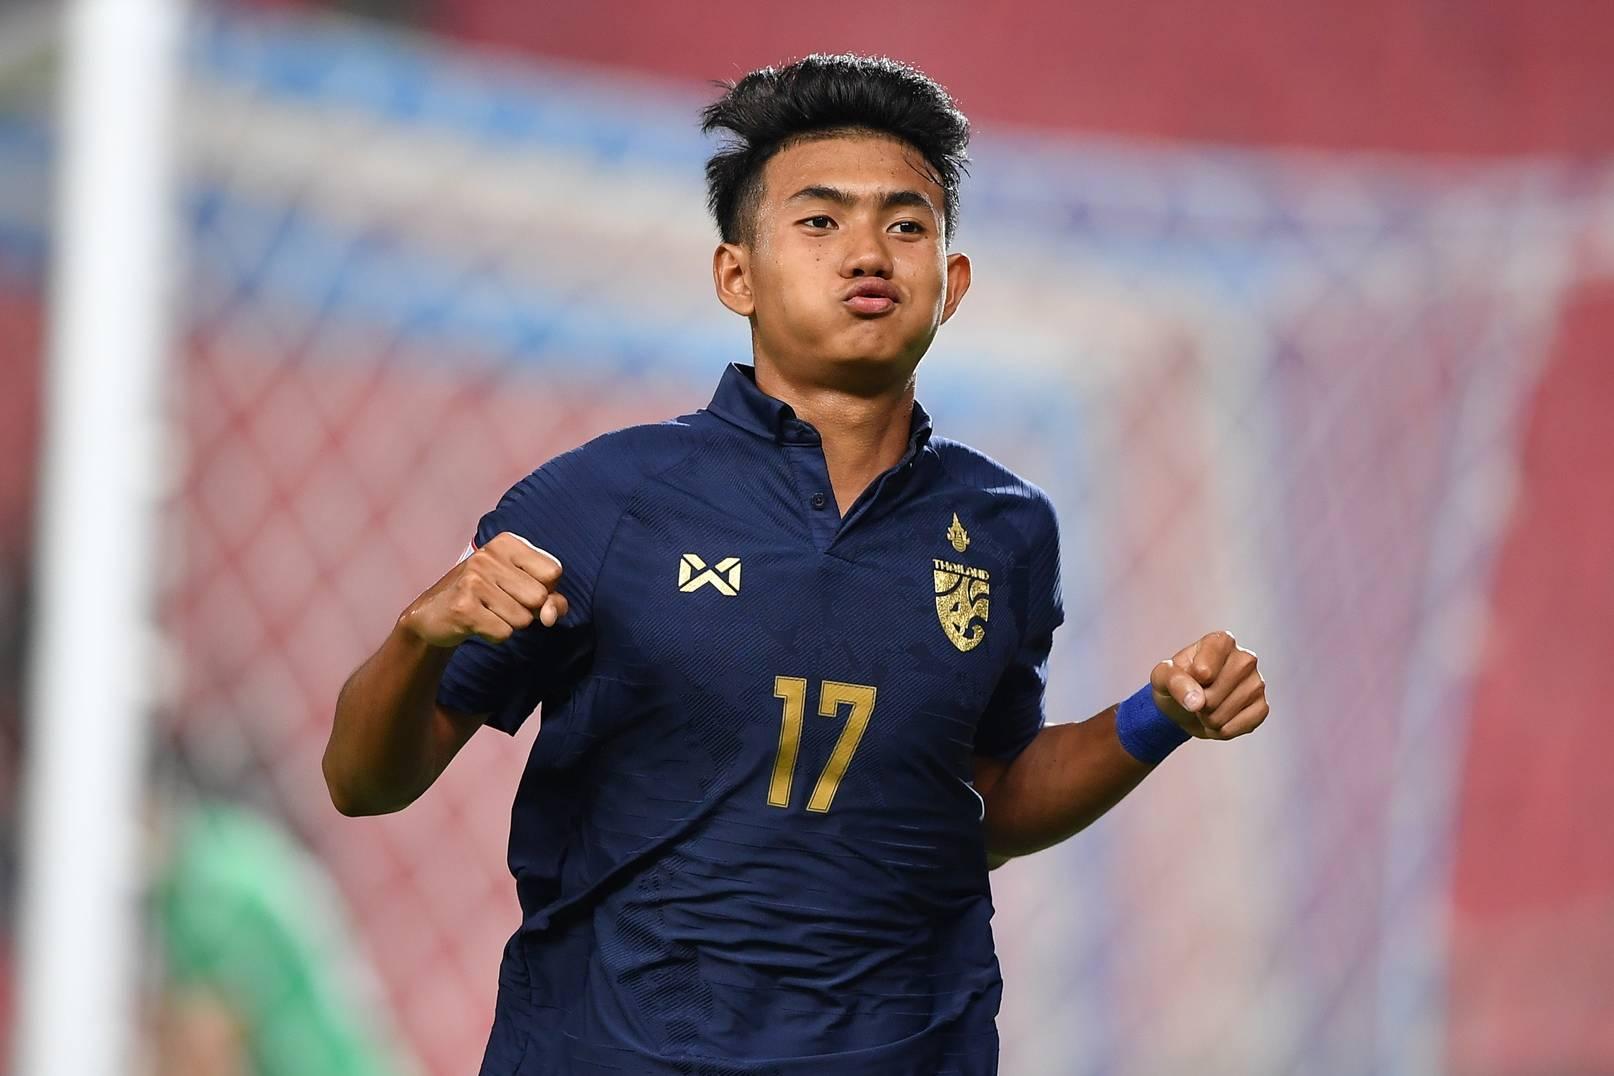 'Thần đồng' 17 tuổi của Thái Lan ghi 2 bàn vào lưới U23 Bahrain từng 'vượt mặt' Văn Hậu